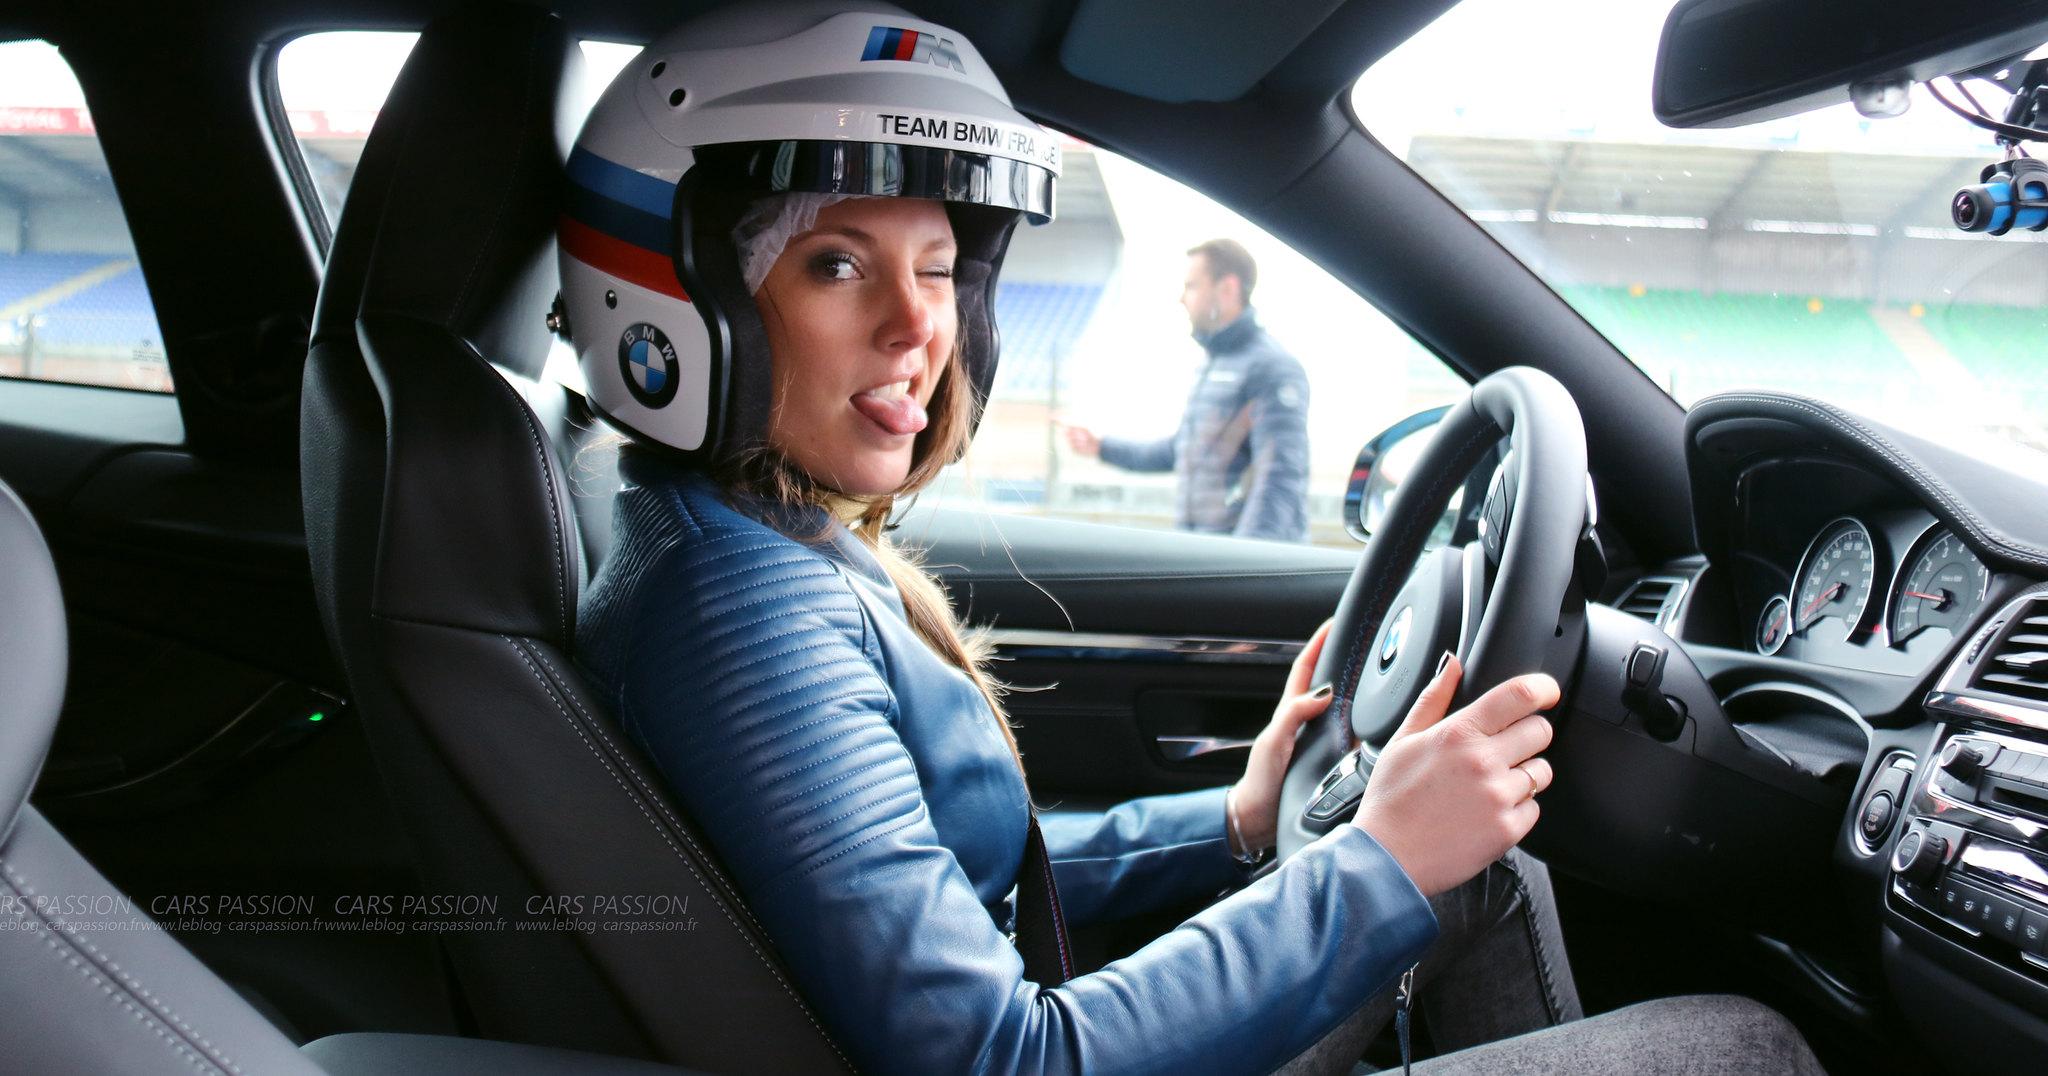 BMW M4 pilotage circuit Bugatti avec Lily